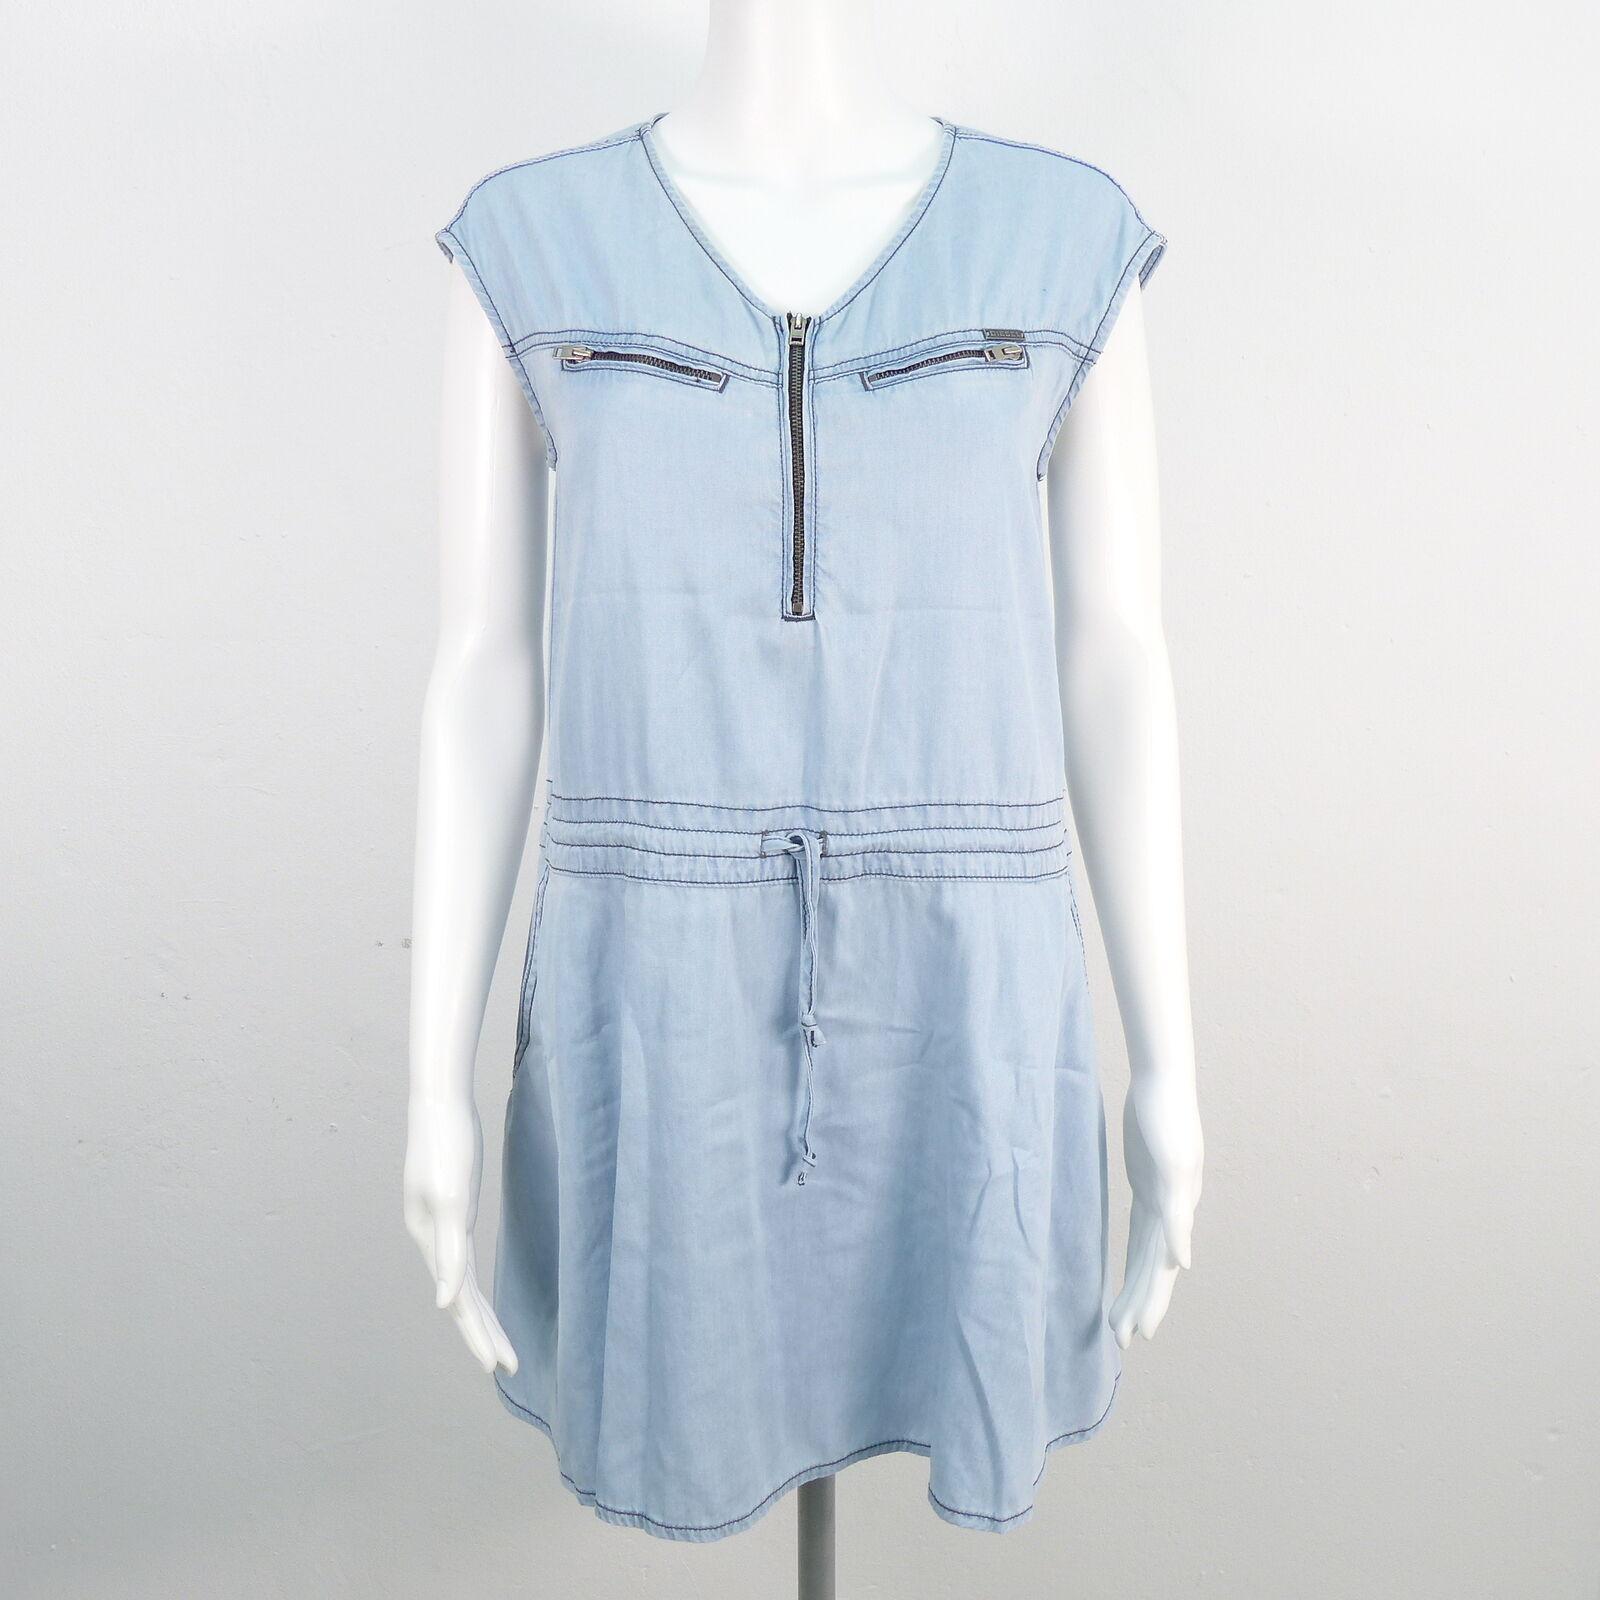 DIESEL Jeanskleid mit Gummizug DaMänner Gr. M L Denim Kleid Robe